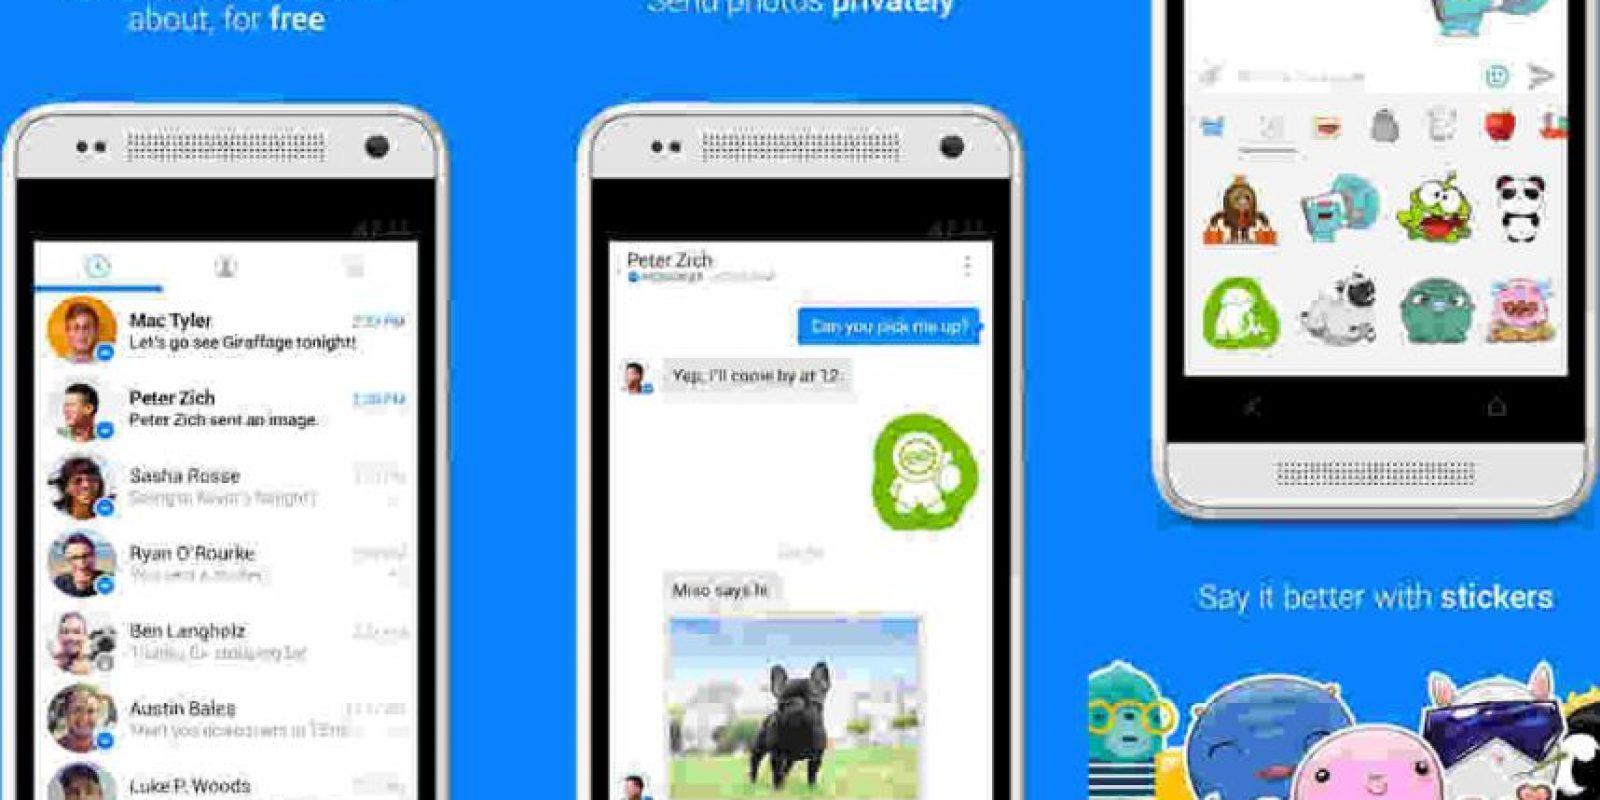 El día de ayer dio inicio la F8 de Facebook. Foto:Messenger